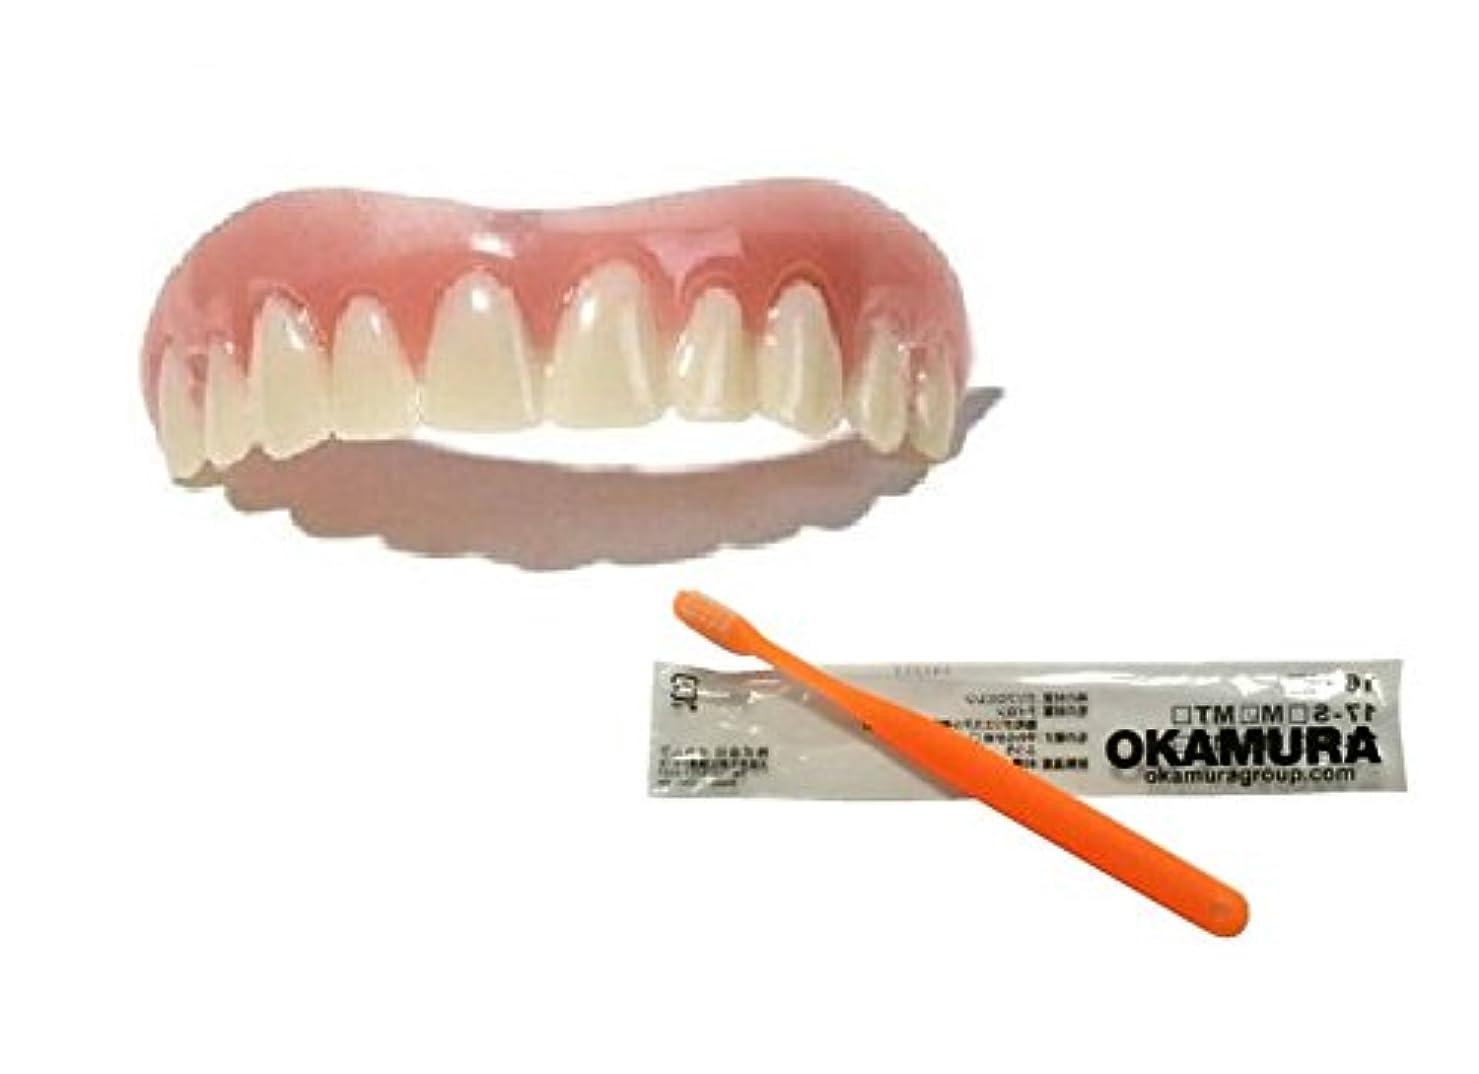 信頼性枠王子インスタントスマイル 上歯用 Mサイズ + OKAMURA 歯科医推奨歯ブラシ セット